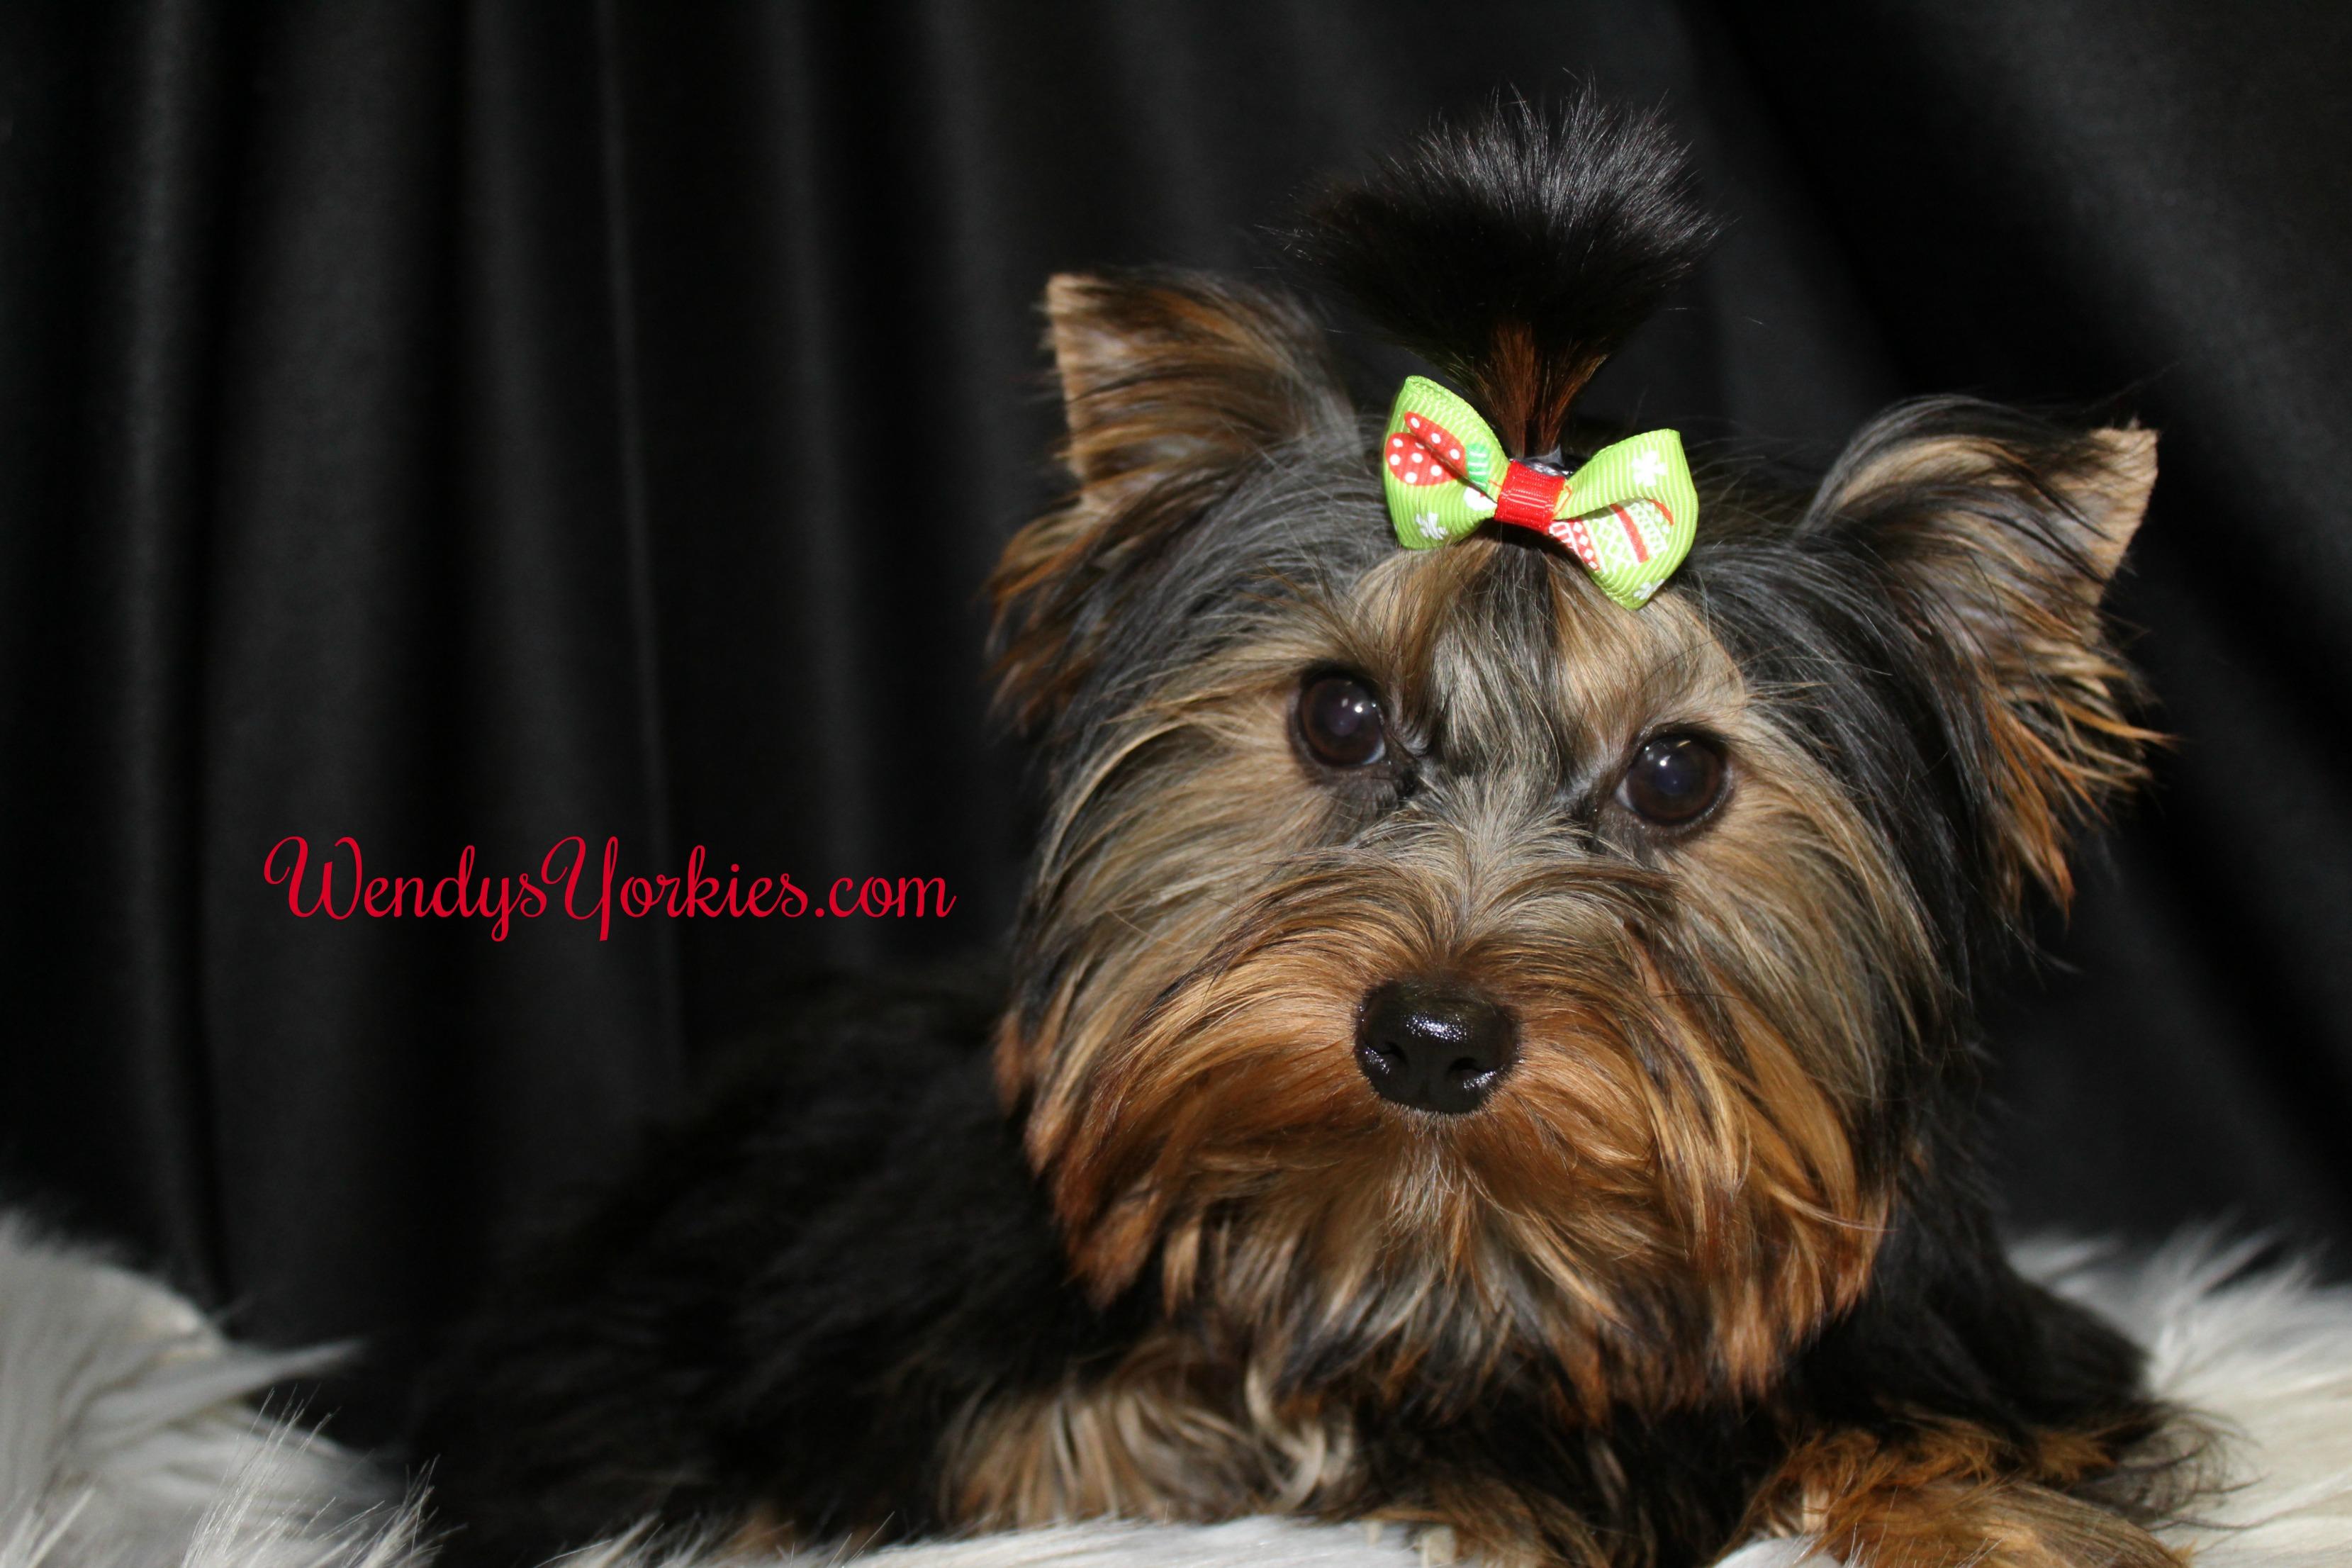 Cookie, WendysYorkies.com